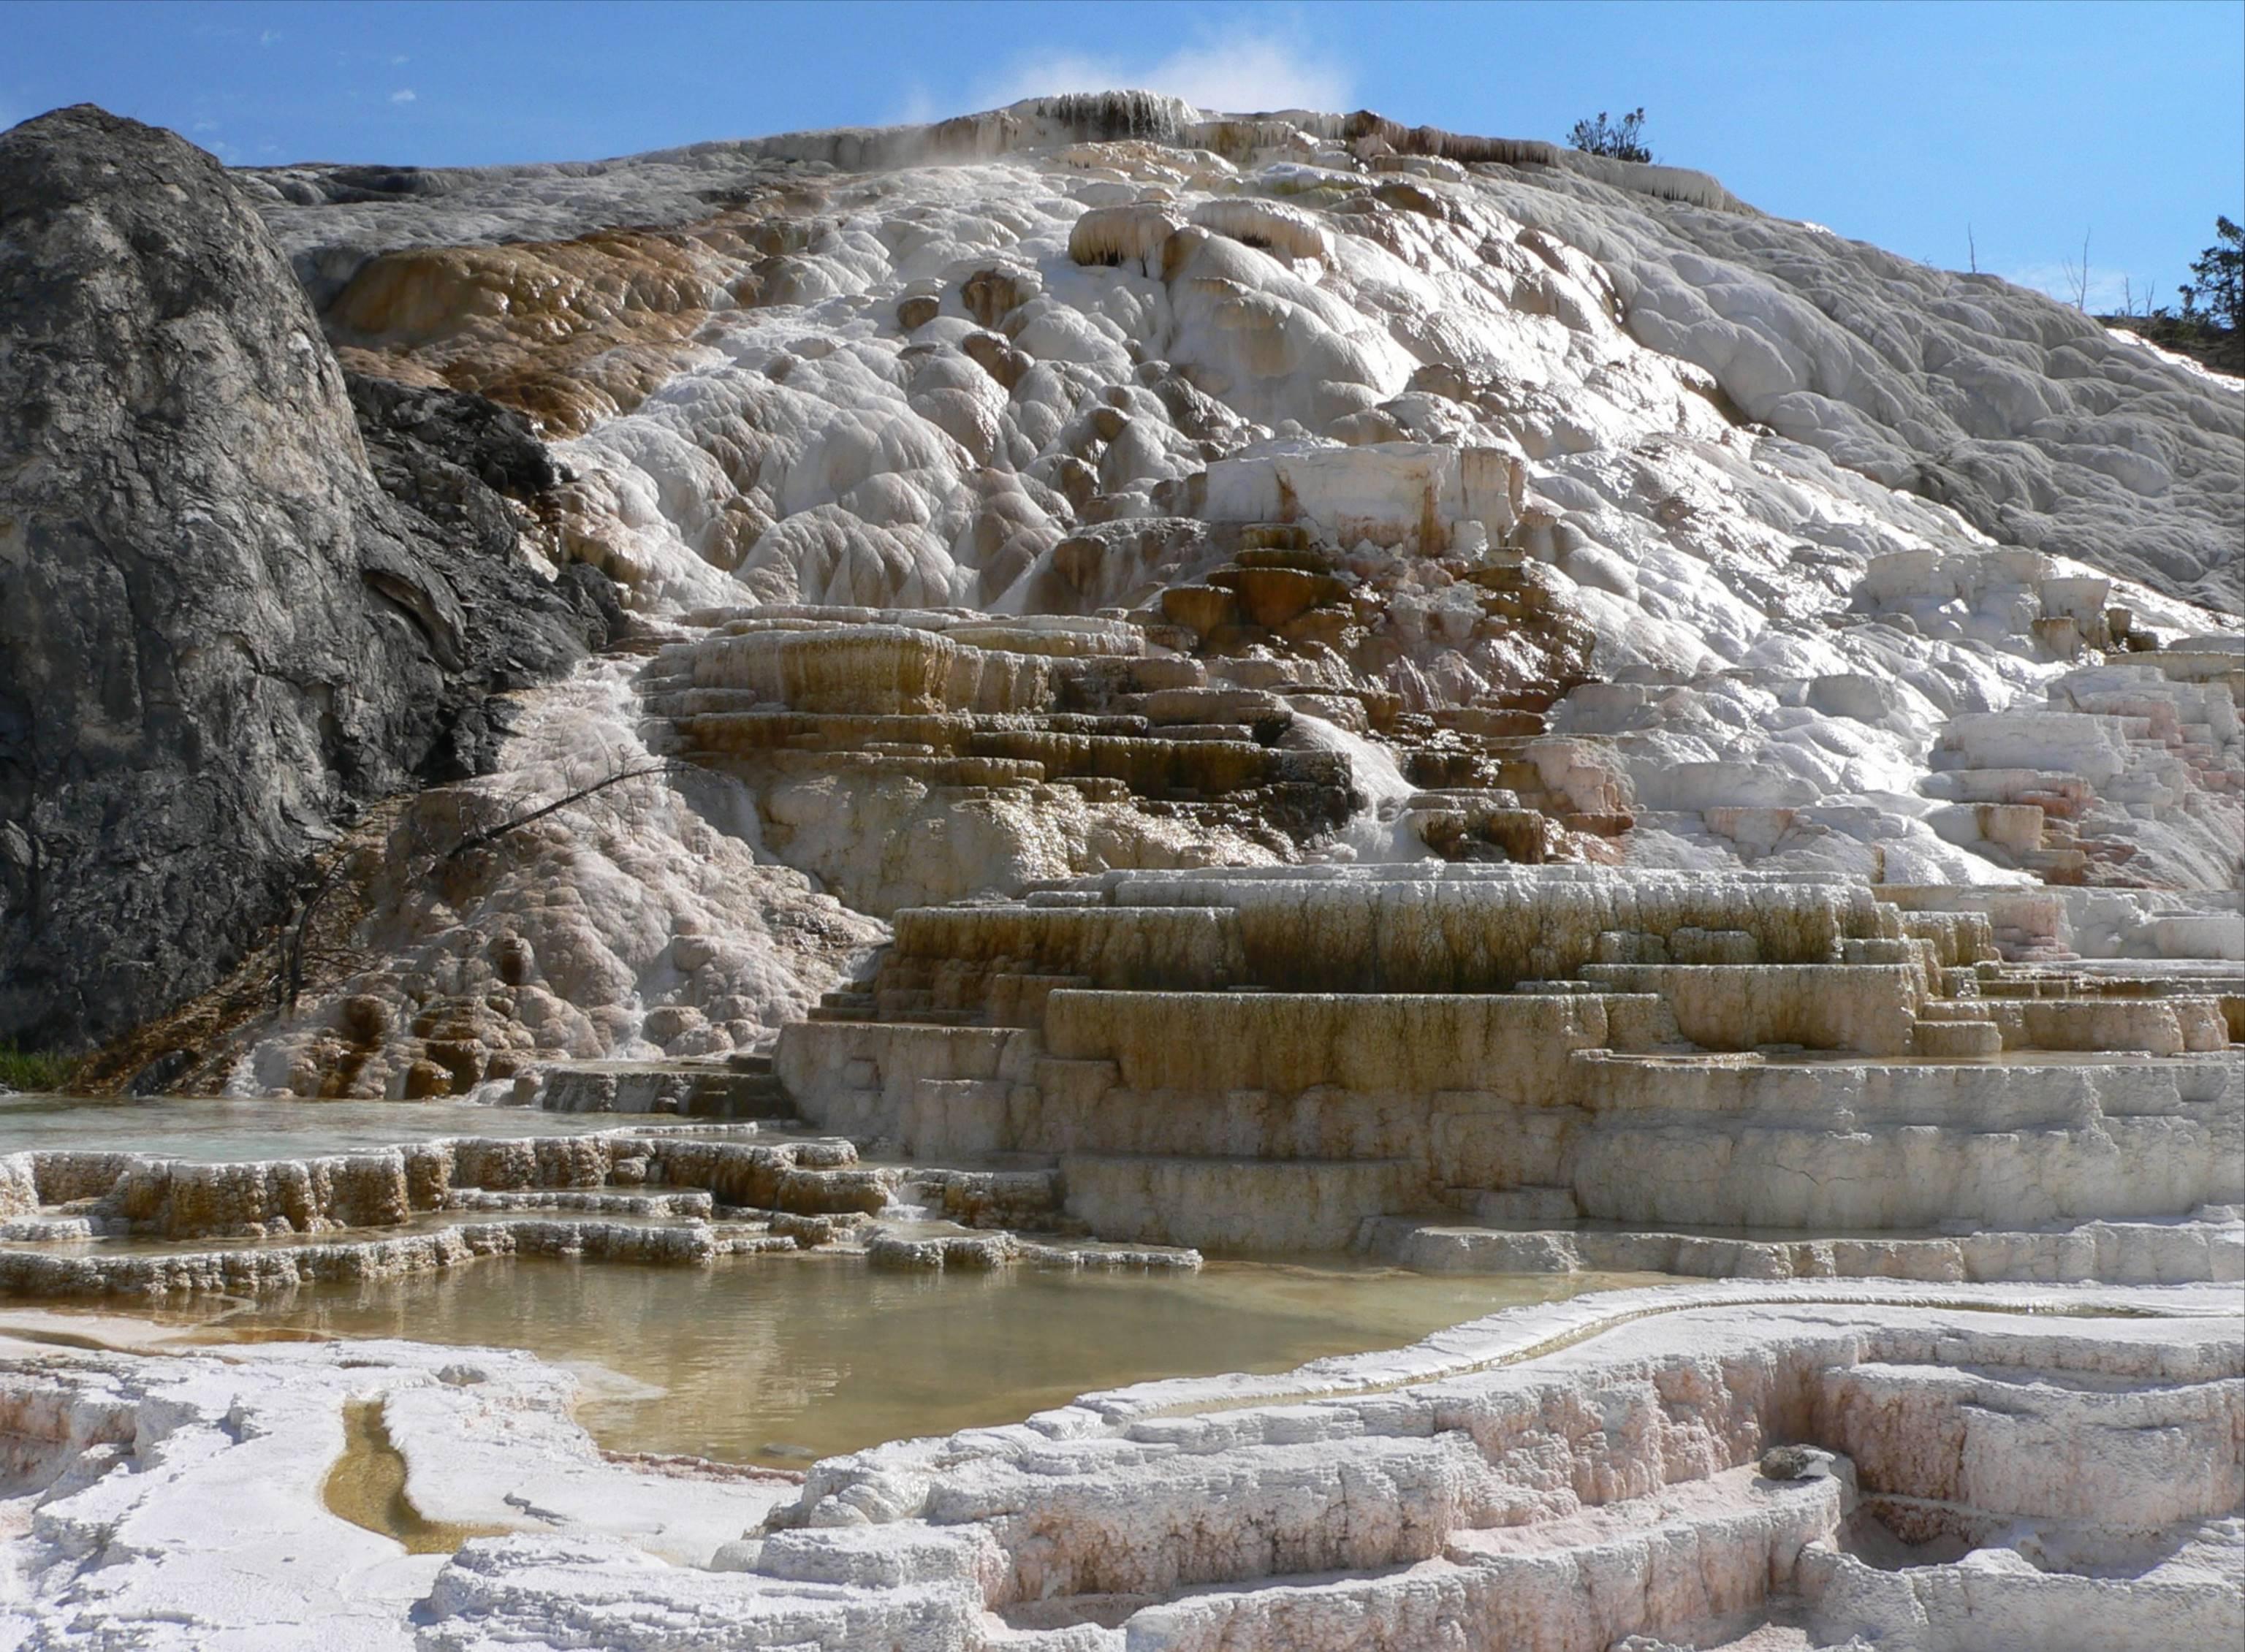 Arizona Onyx Quarry